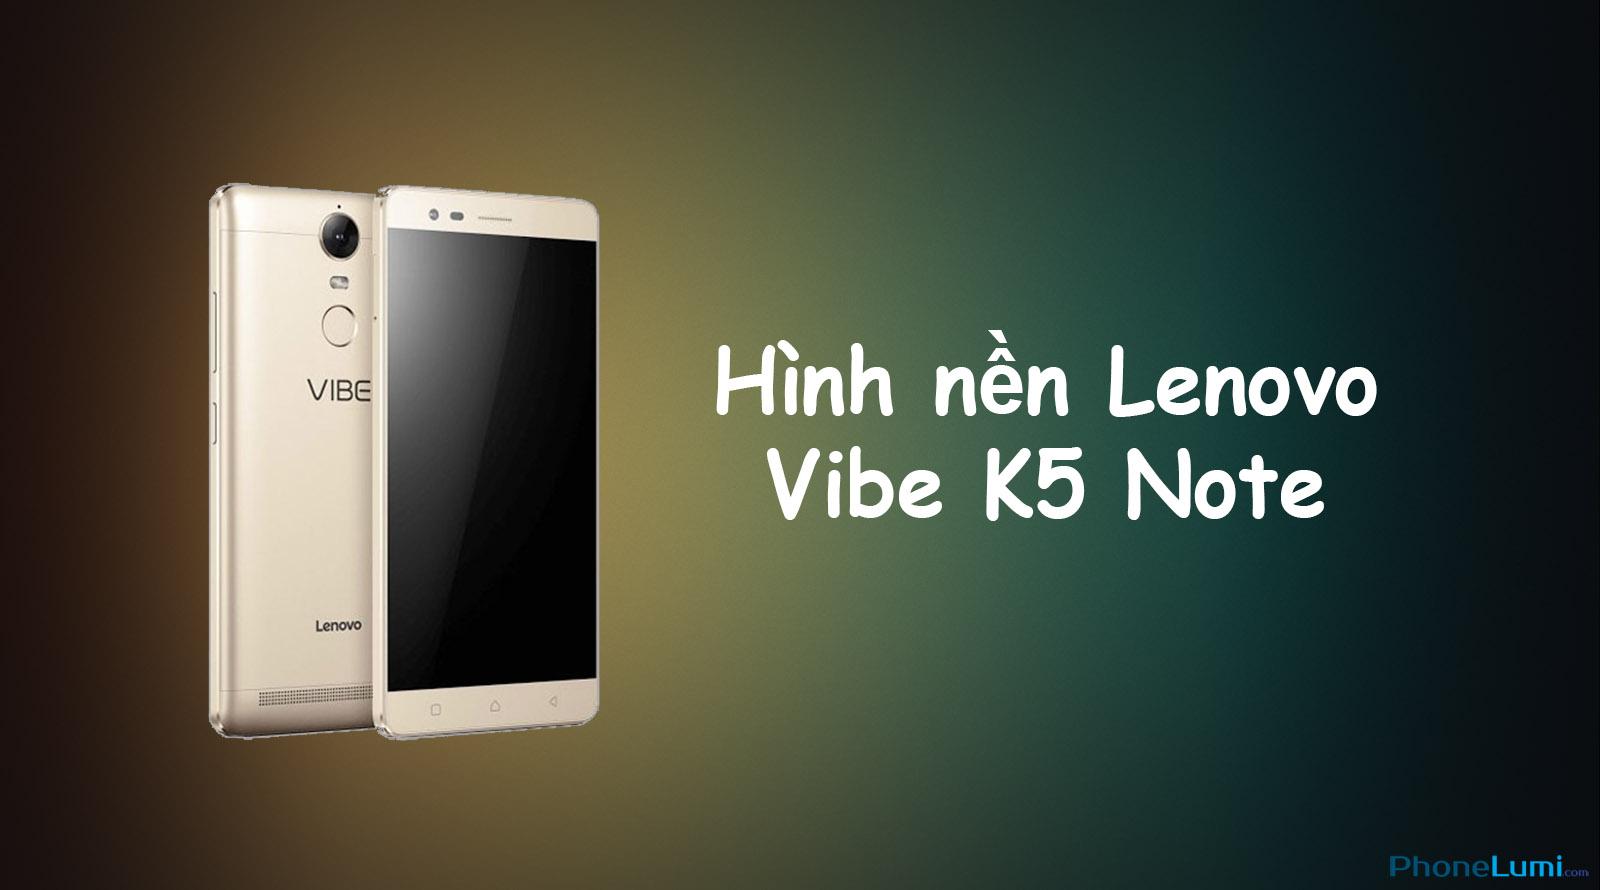 Hình nền chính thức của Lenovo Vibe K5 Note